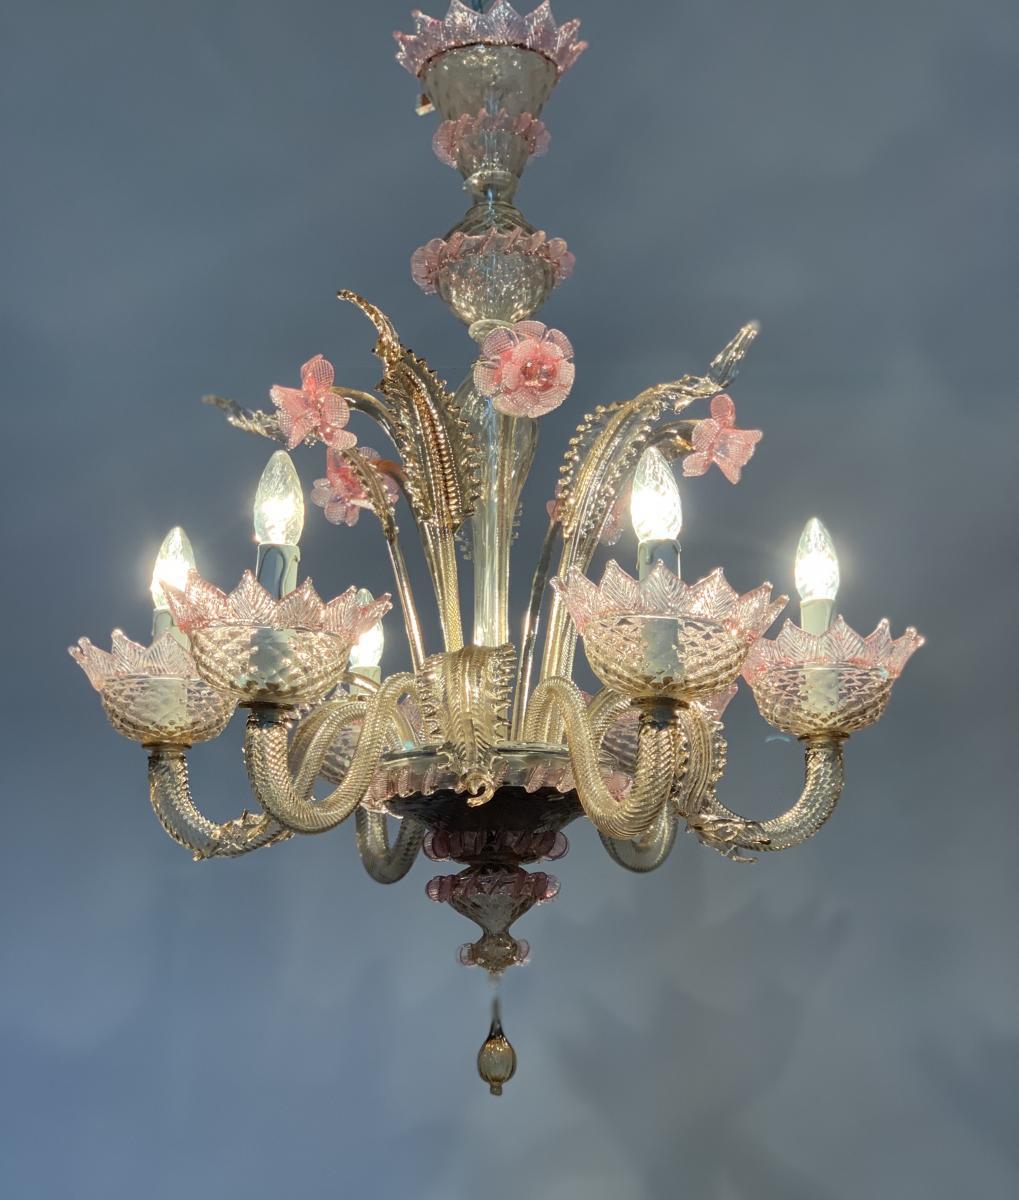 Lustre En Verre De Venise Rose Et Mordoré, Six Bras De Lumière